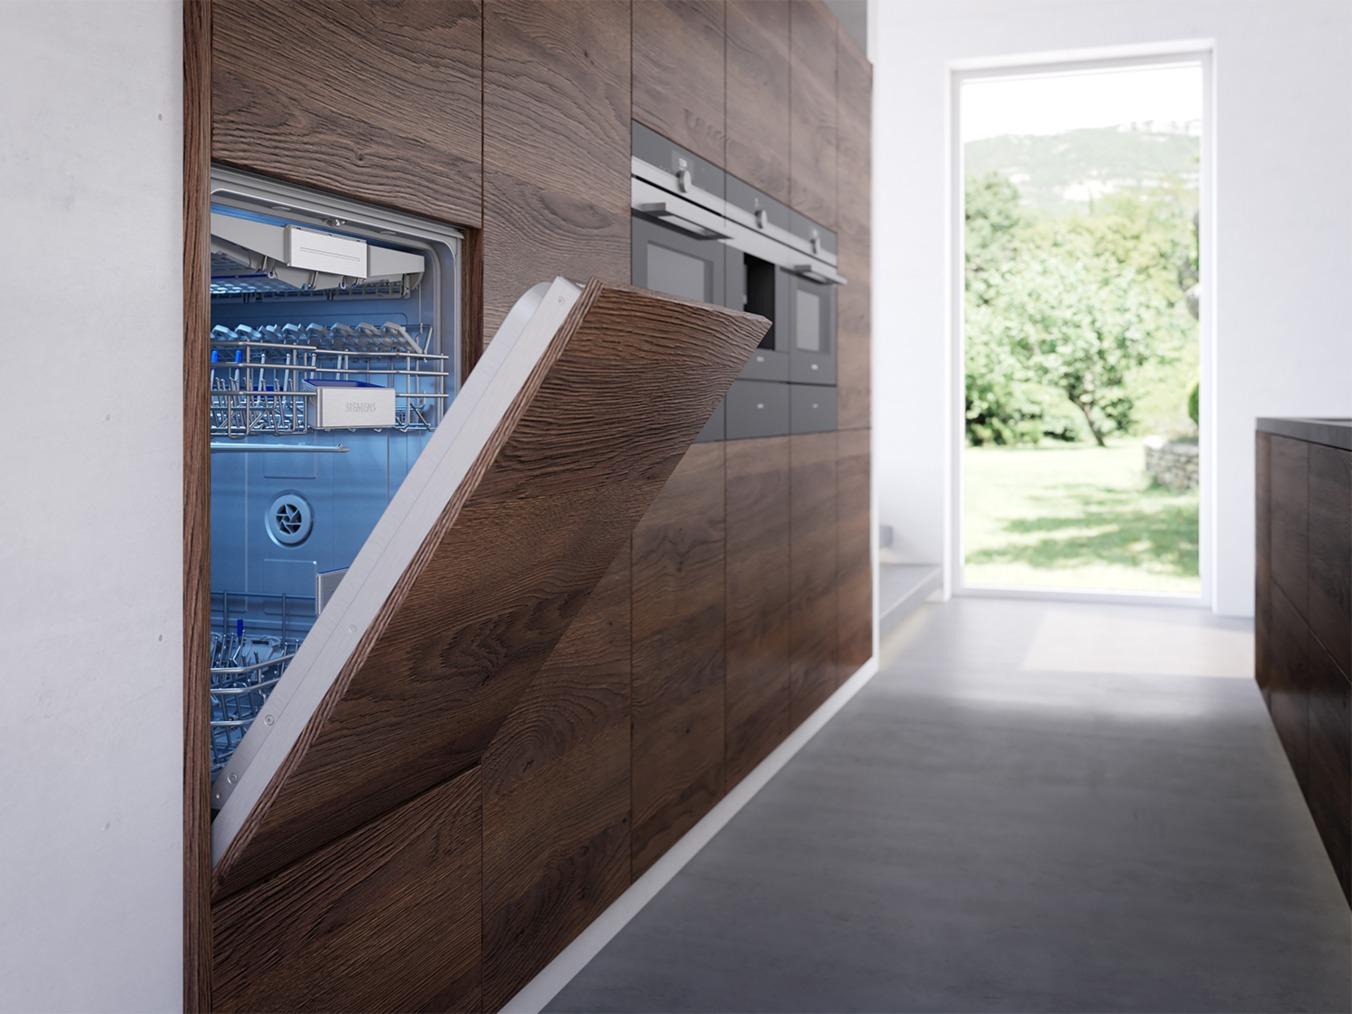 1352x1014_4-3_118193_-BSH_Siemens_kitchen_-stills_scene_01_Cam04_dishwasher-alternative